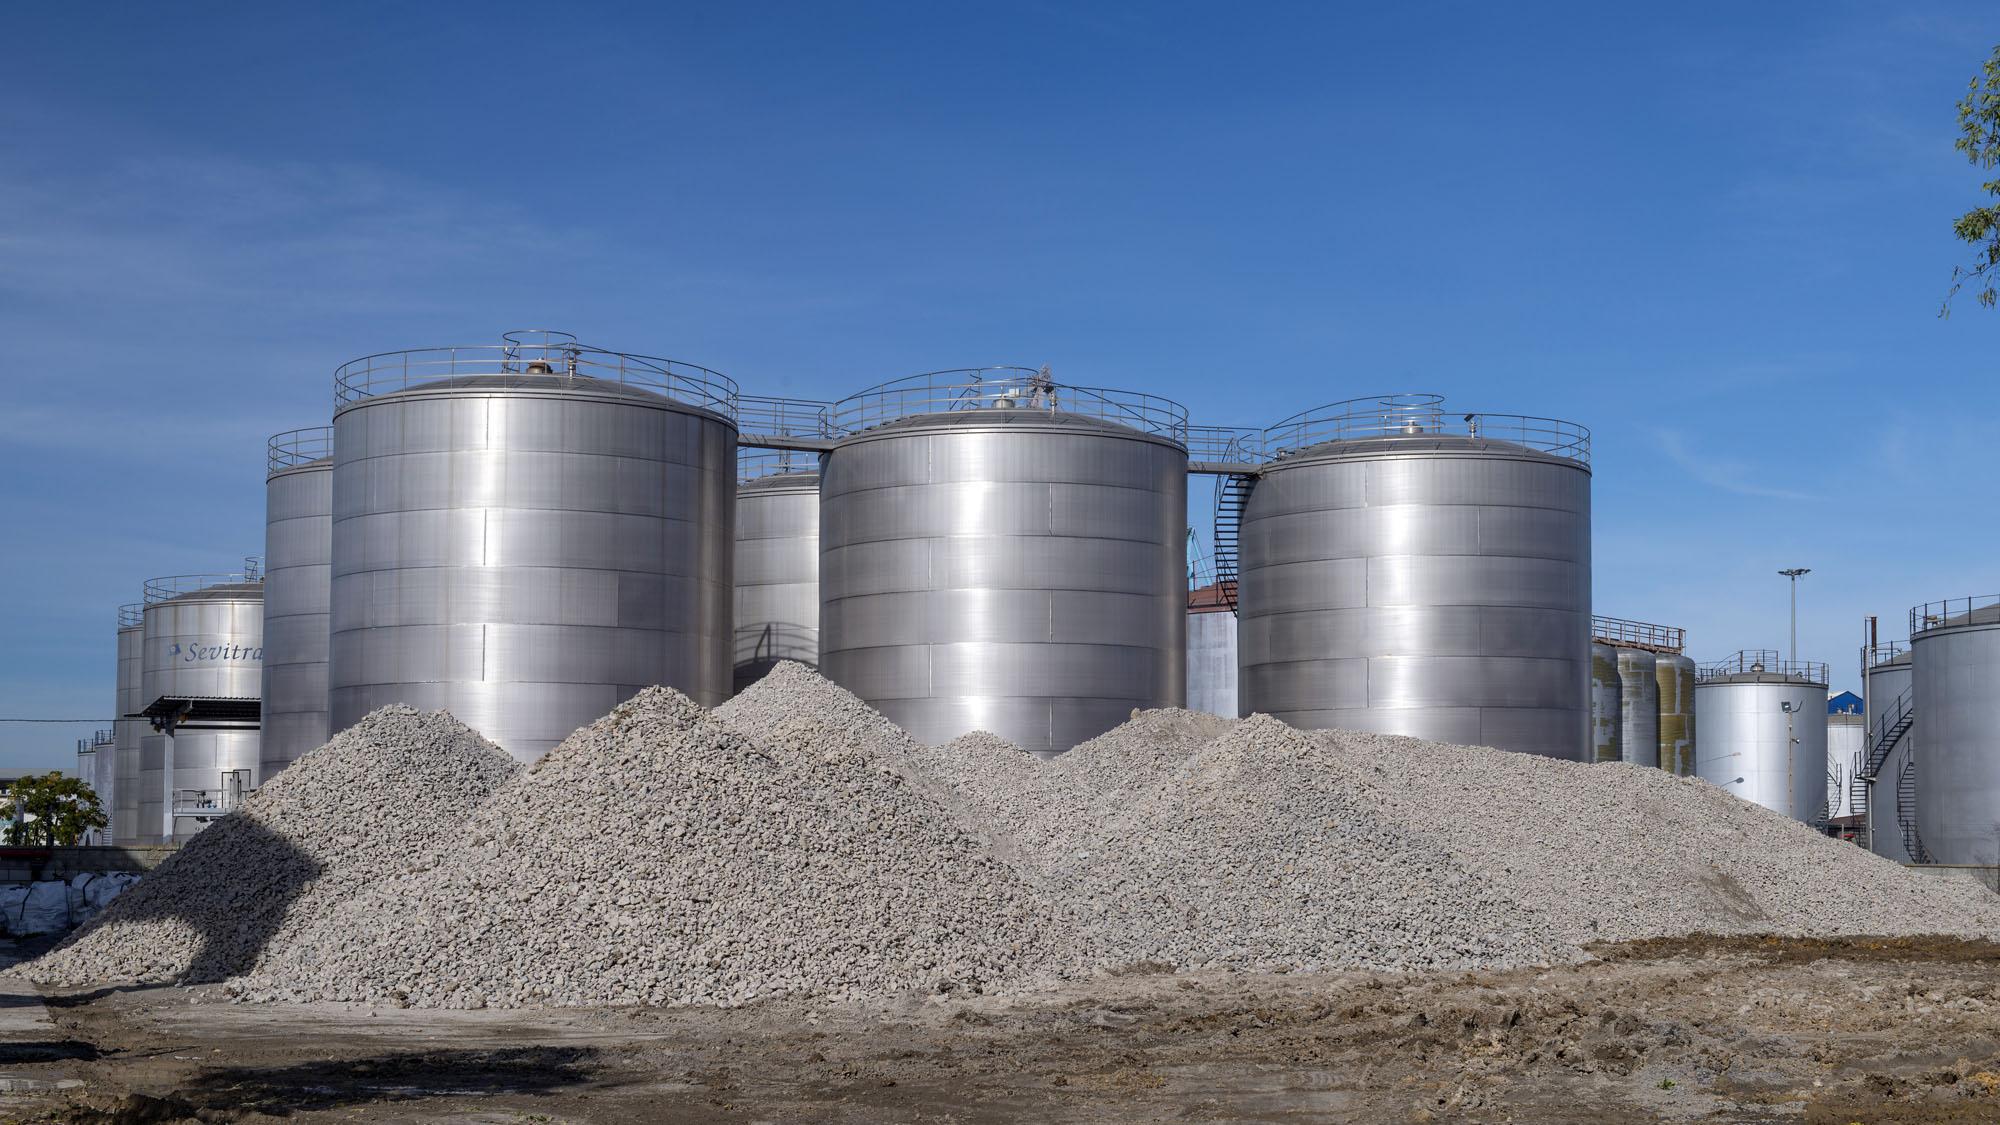 El volumen de mercancía cargada tardará en recuperar los valores anteriores al Covid-19